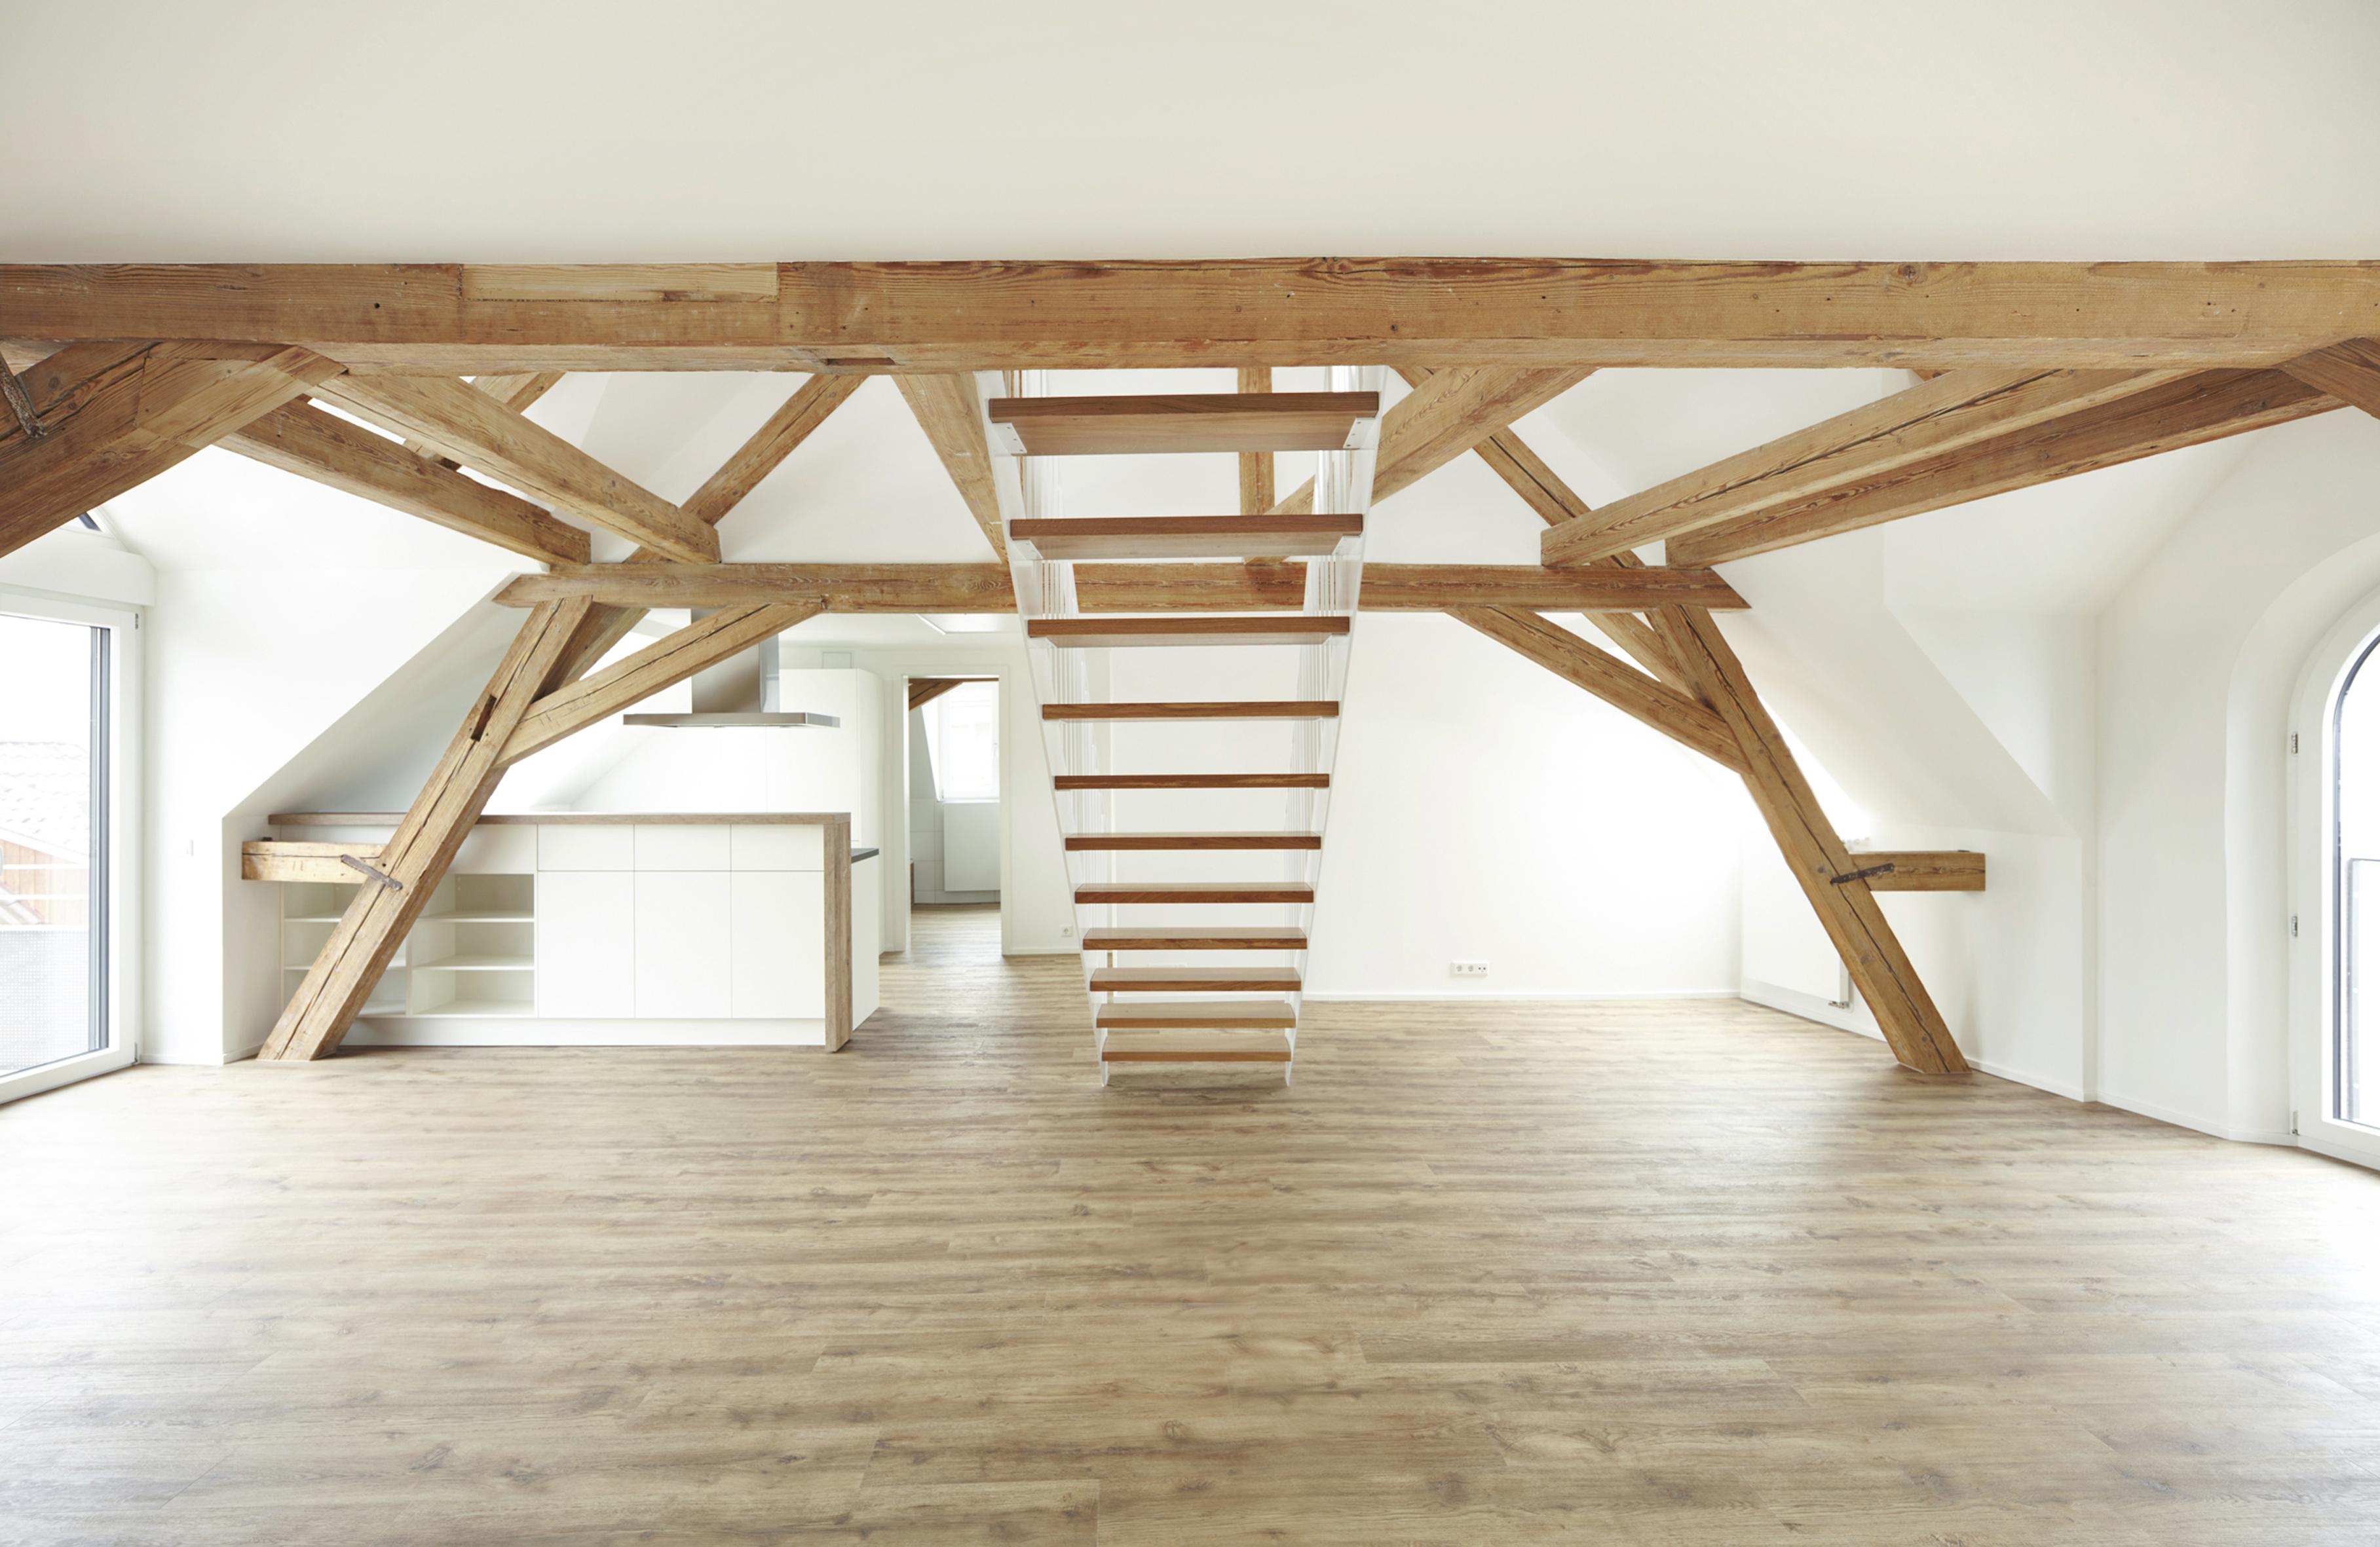 dachausbau mit seeblick – planart wurz   büro für architektur